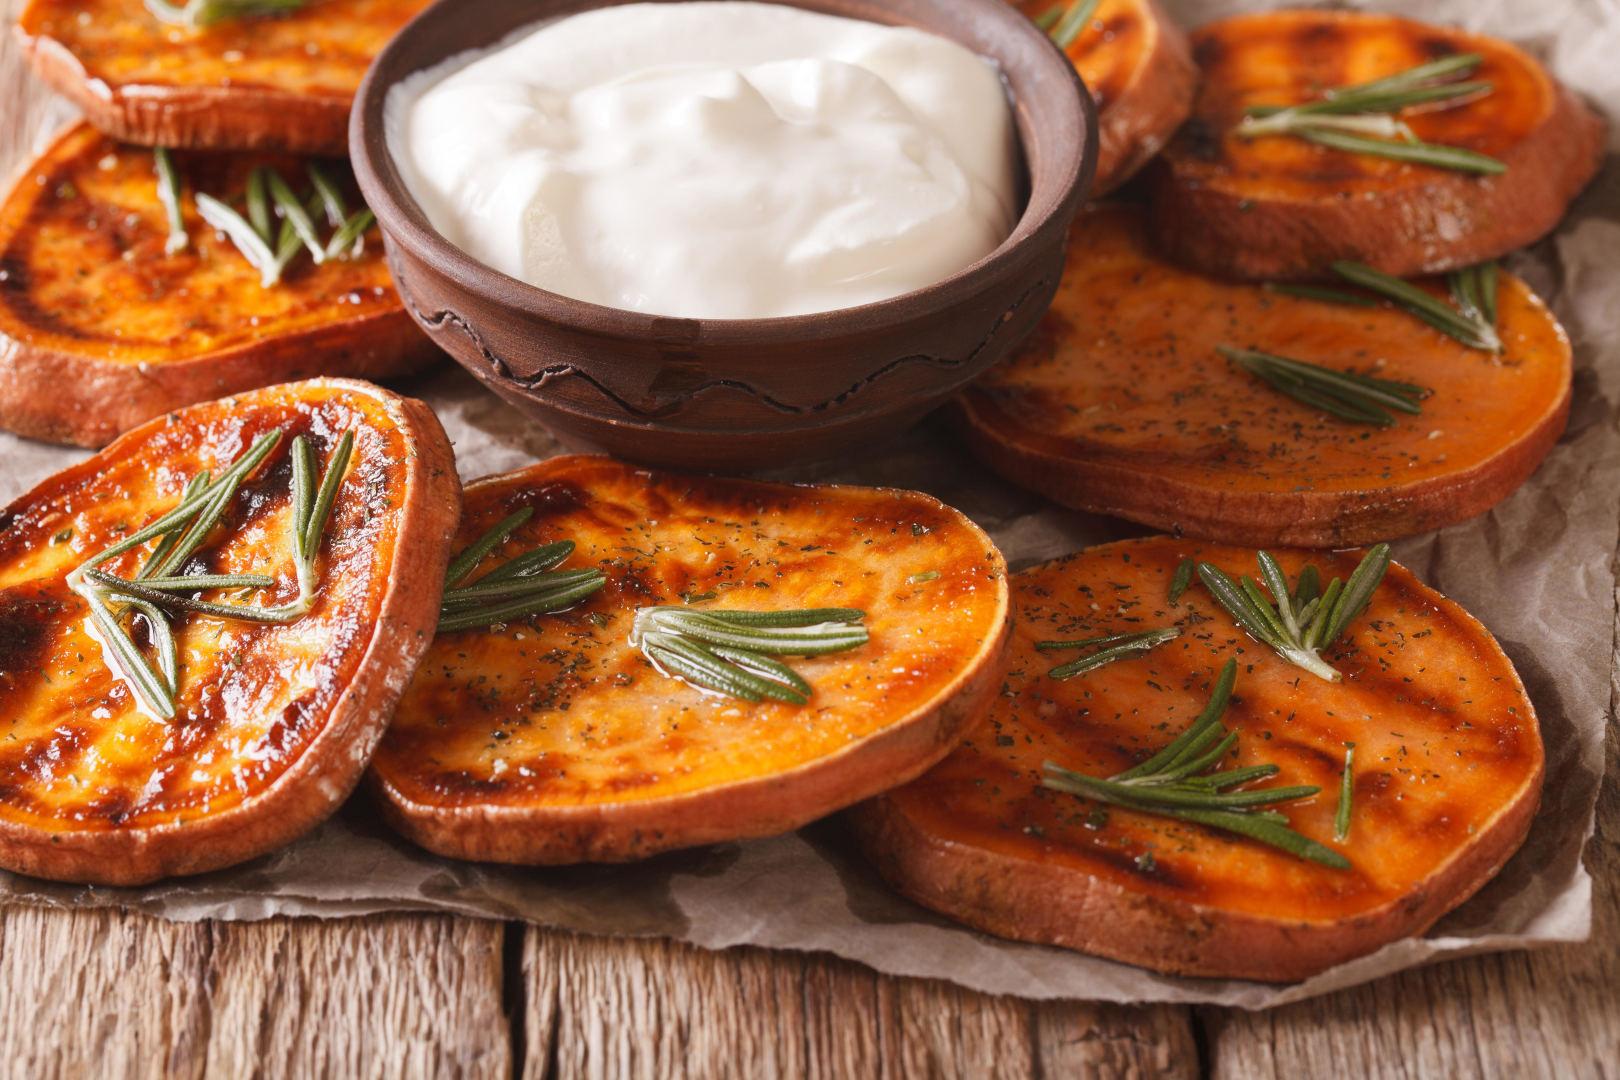 maišyti bulves, kad mesti svorį